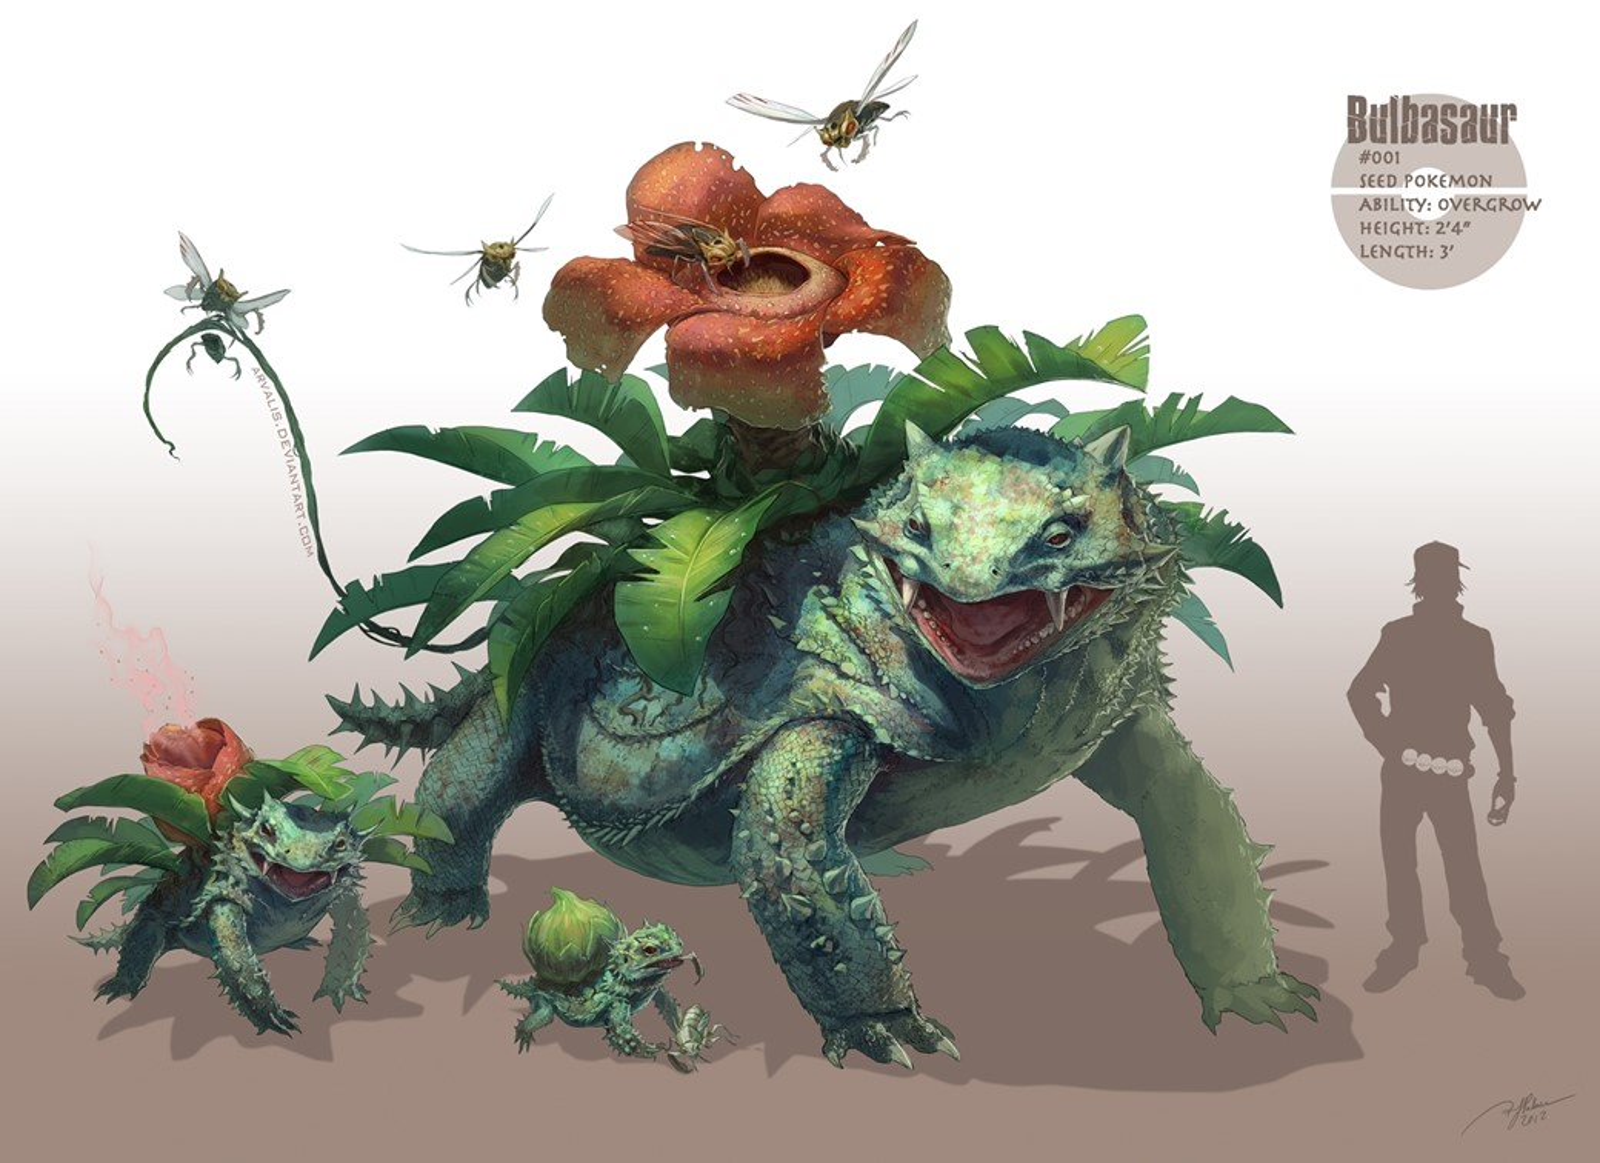 E se os Pokémons tivessem que respeitar a teoria evolucionista?